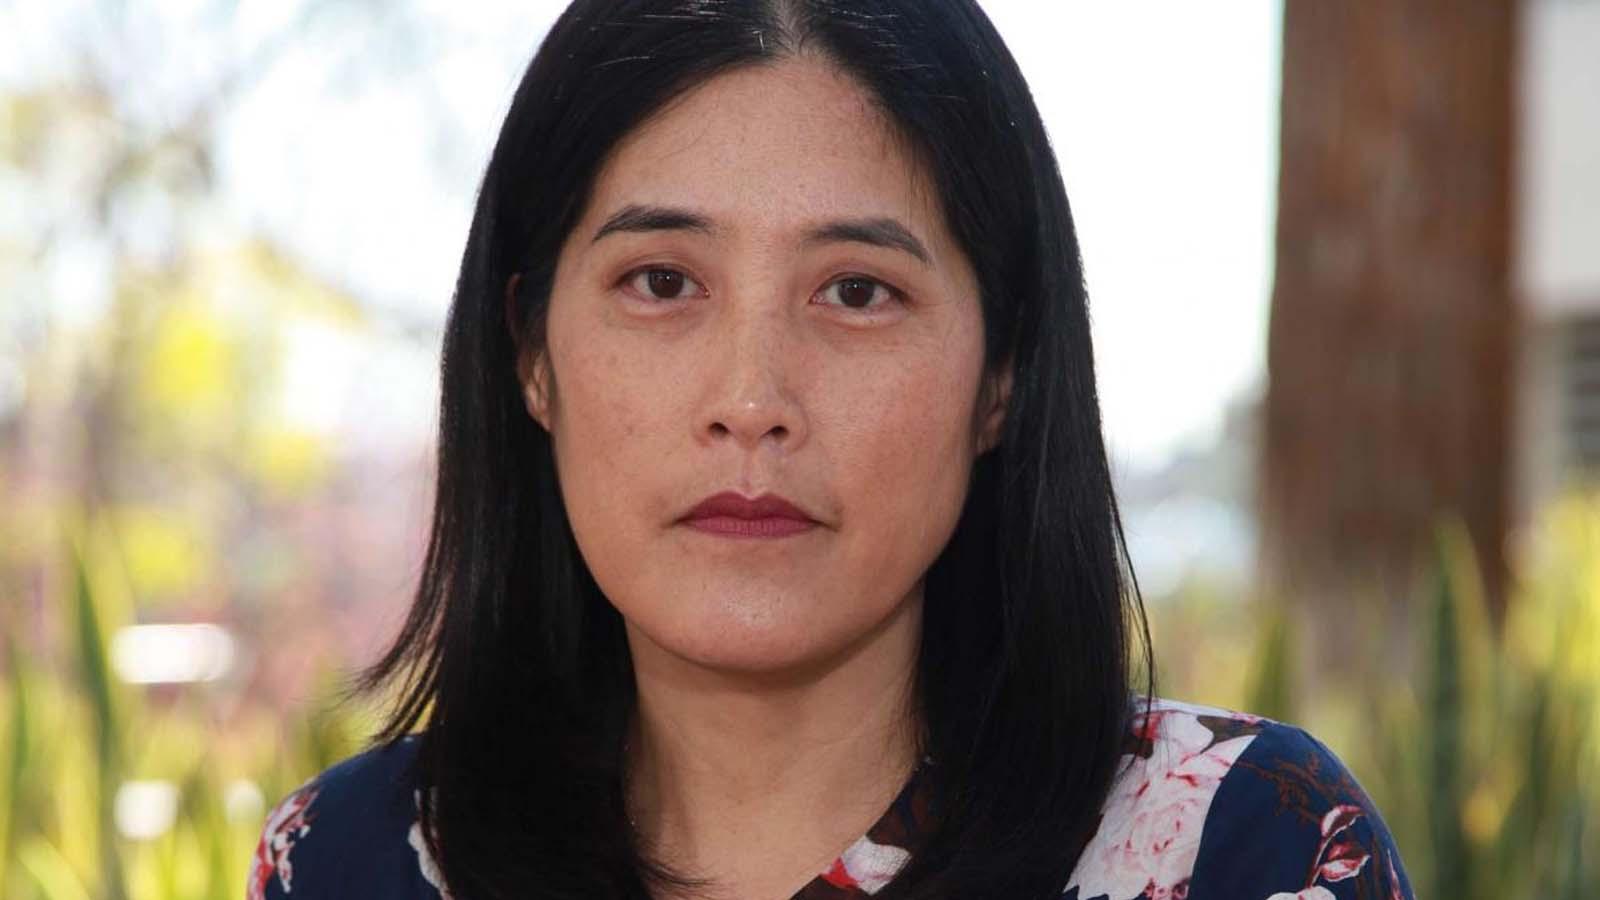 Victoria Chong